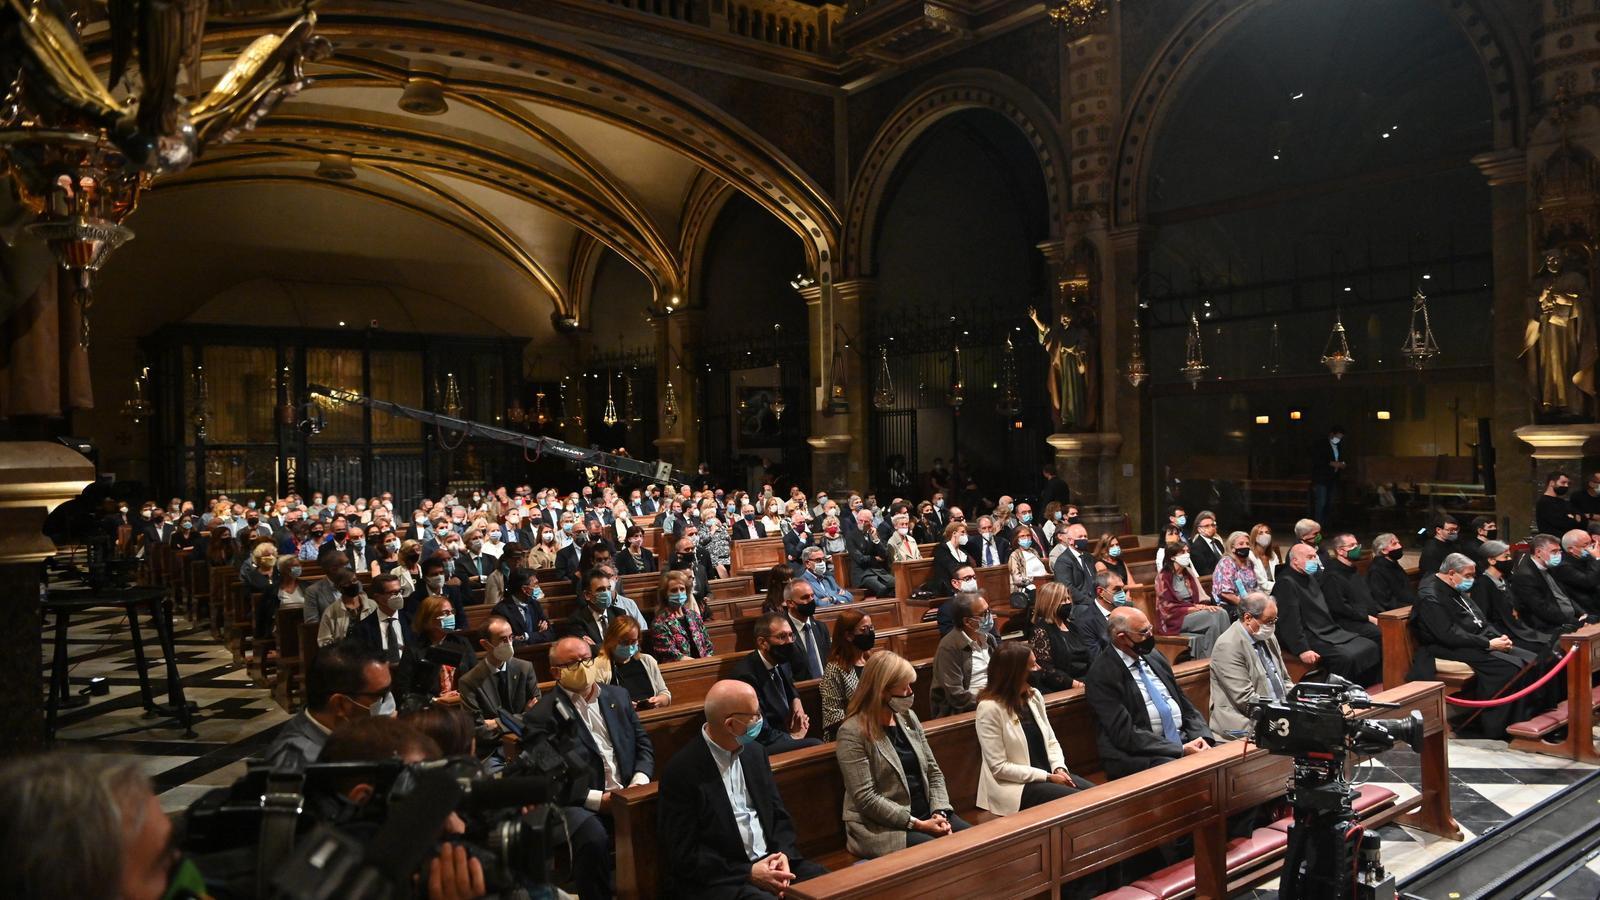 El concert inaugural de la temporada 2020/21 del Gran Teatre del Liceu